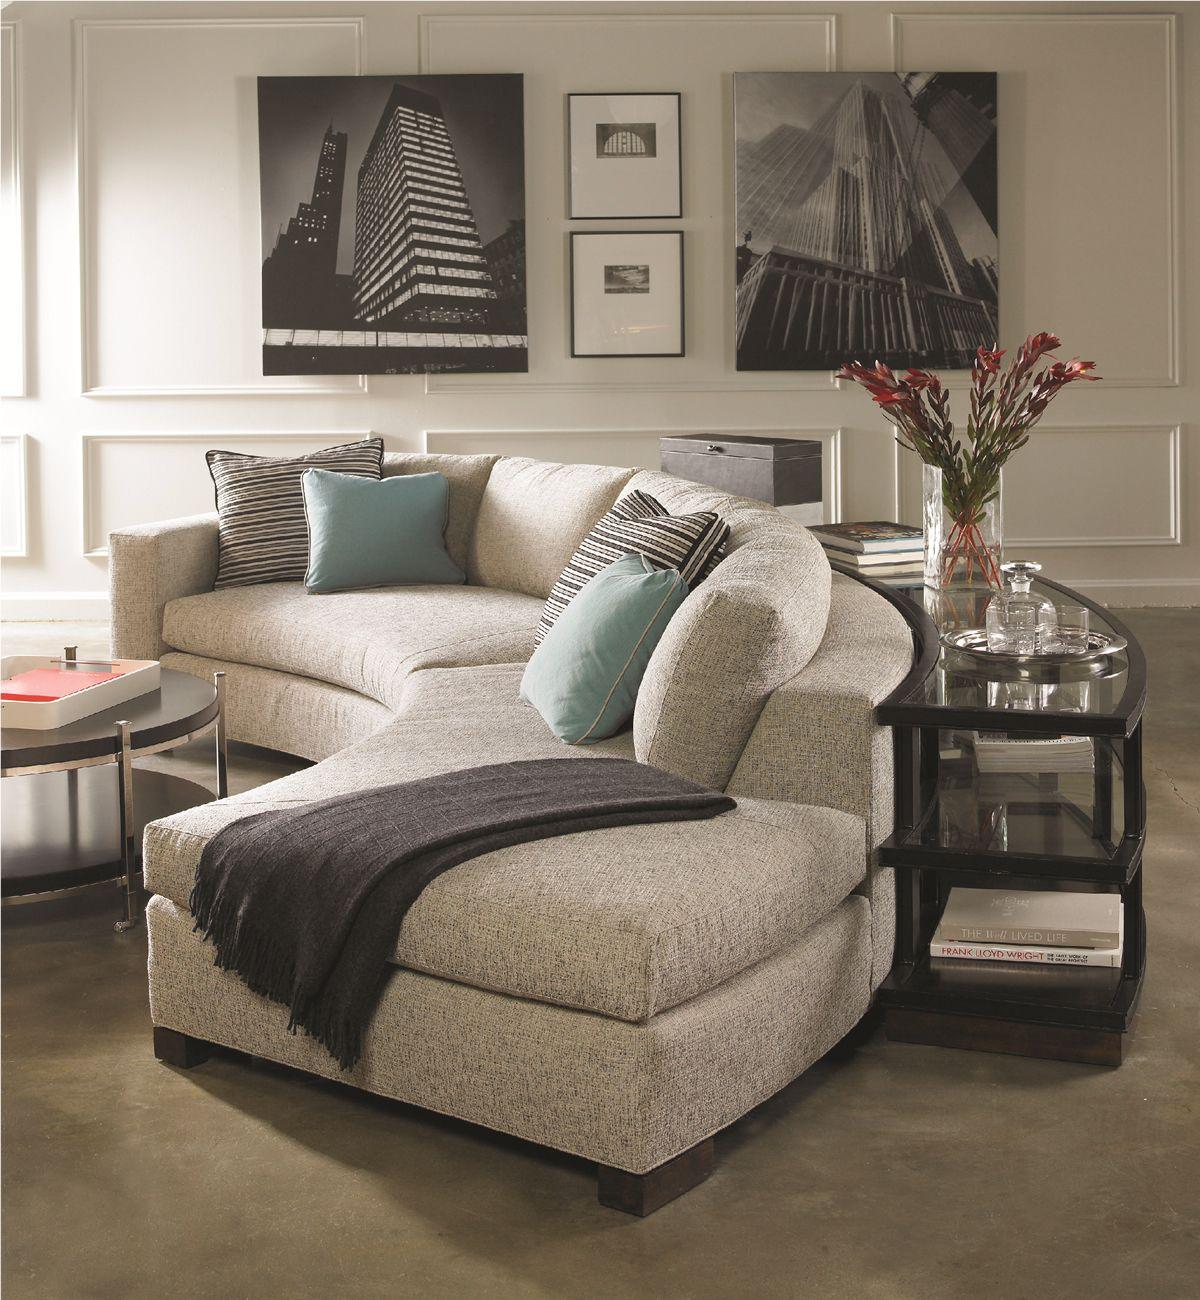 Ica Home Decor: ICA En Güzel Tasarımlarıyla Her Zaman Karşınızda...